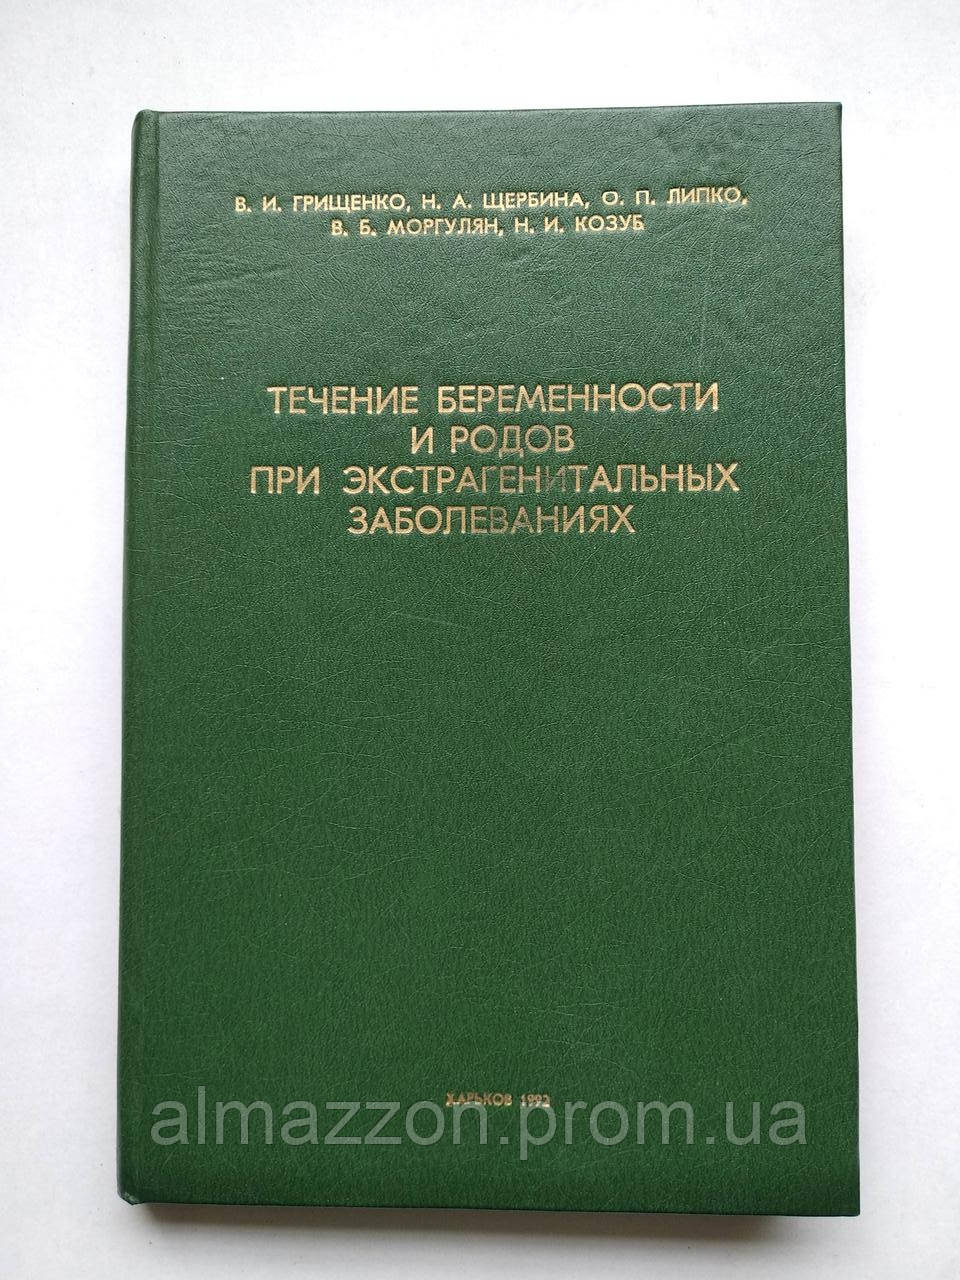 Течение беременности и родов при экстрагенитальных заболеваниях В.И.Грищенко